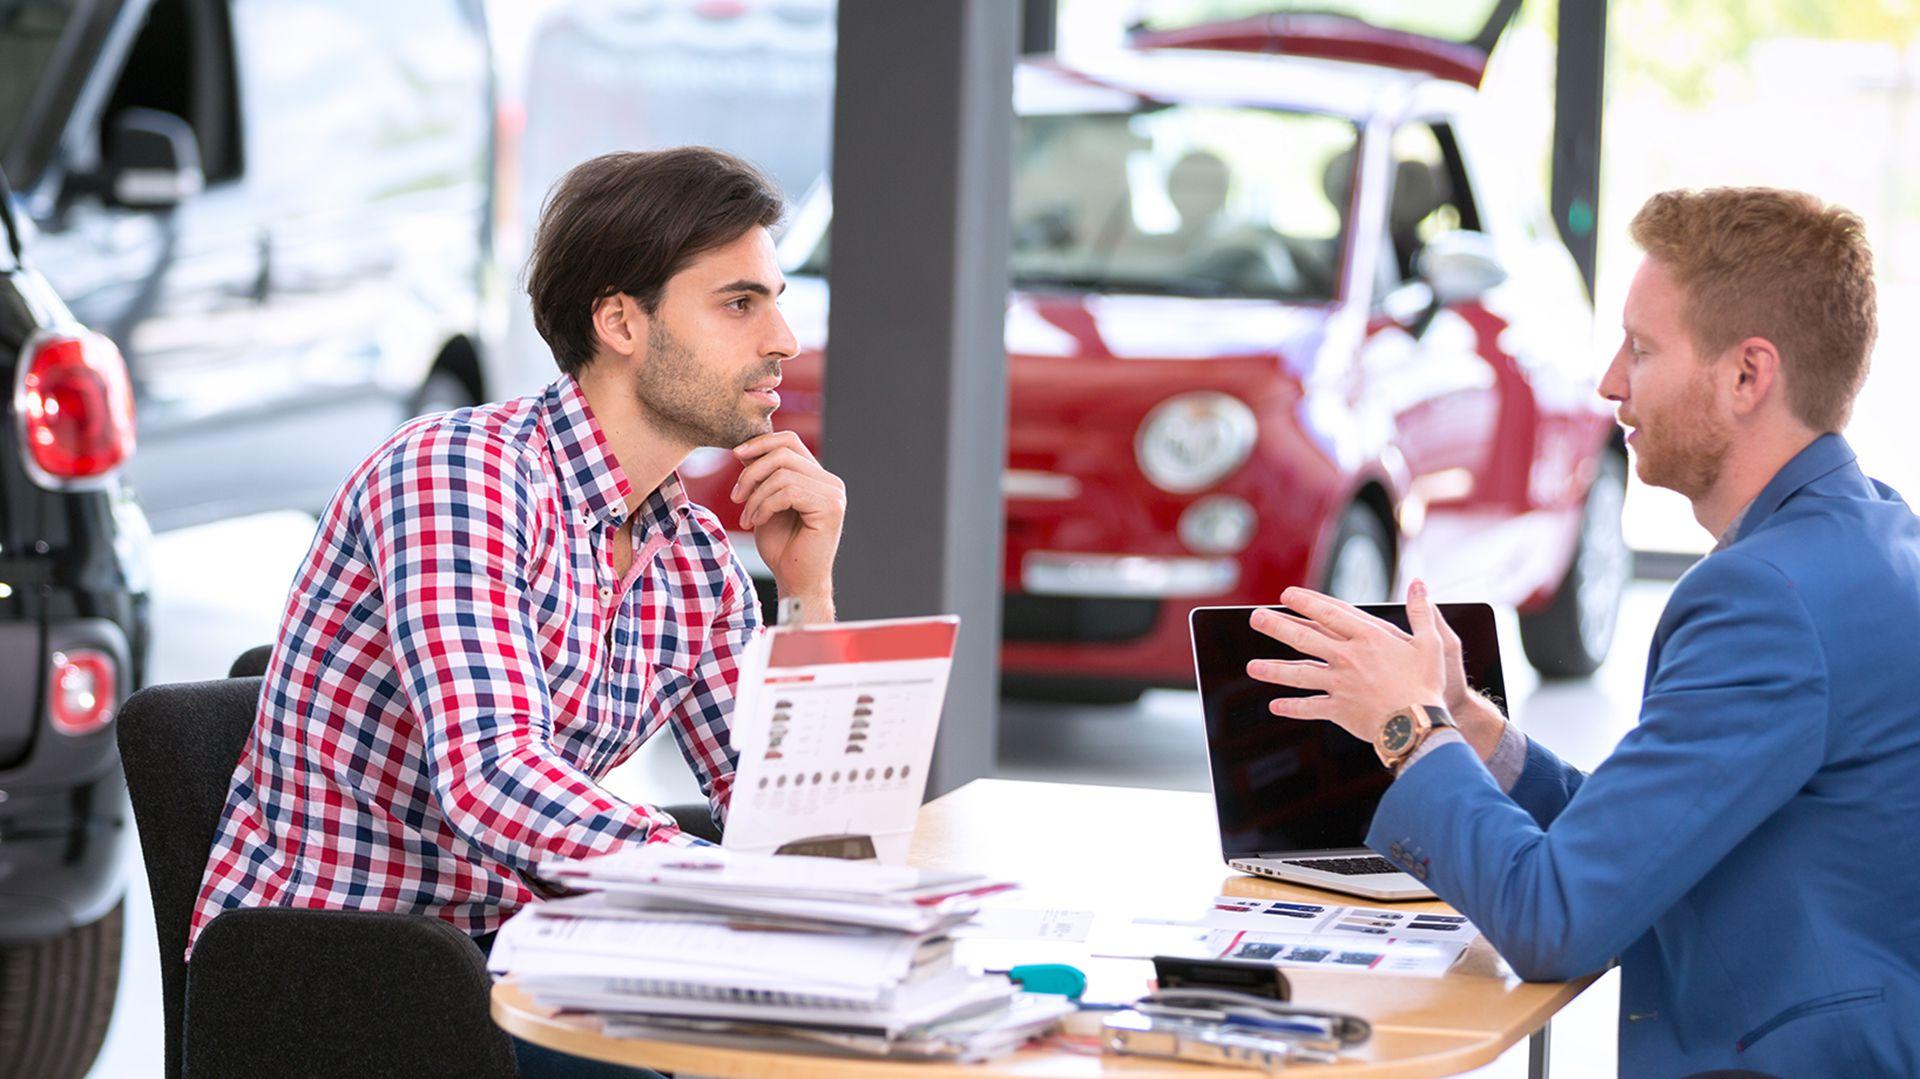 Las concesionarias aseguran que se duplicaron las consultas de los clientes (IStock)